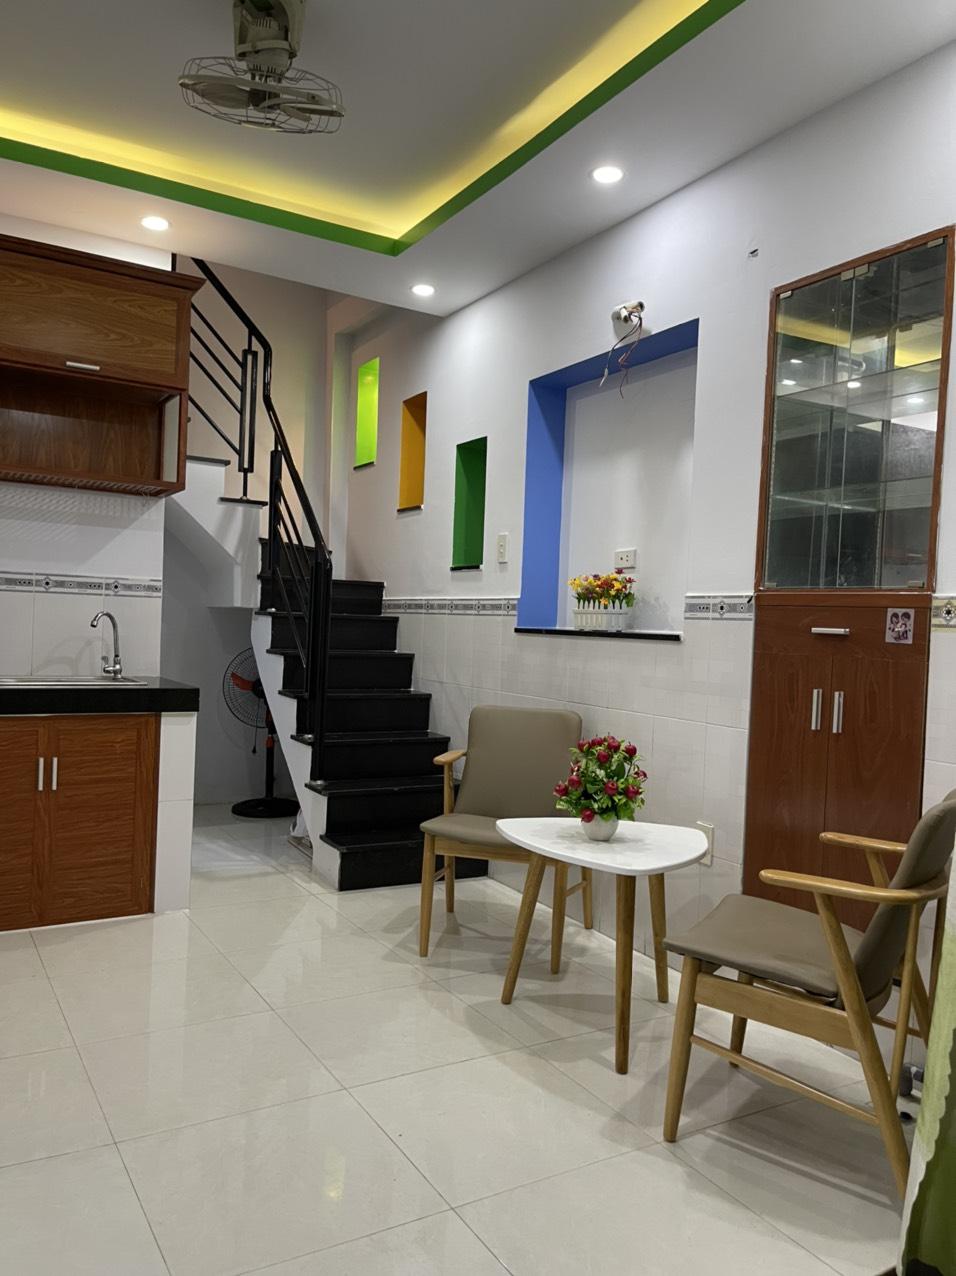 Bán nhà 2 lầu hẻm 4m Tân Kỳ tân Quý quận Tân Phú dưới 3 tỷ